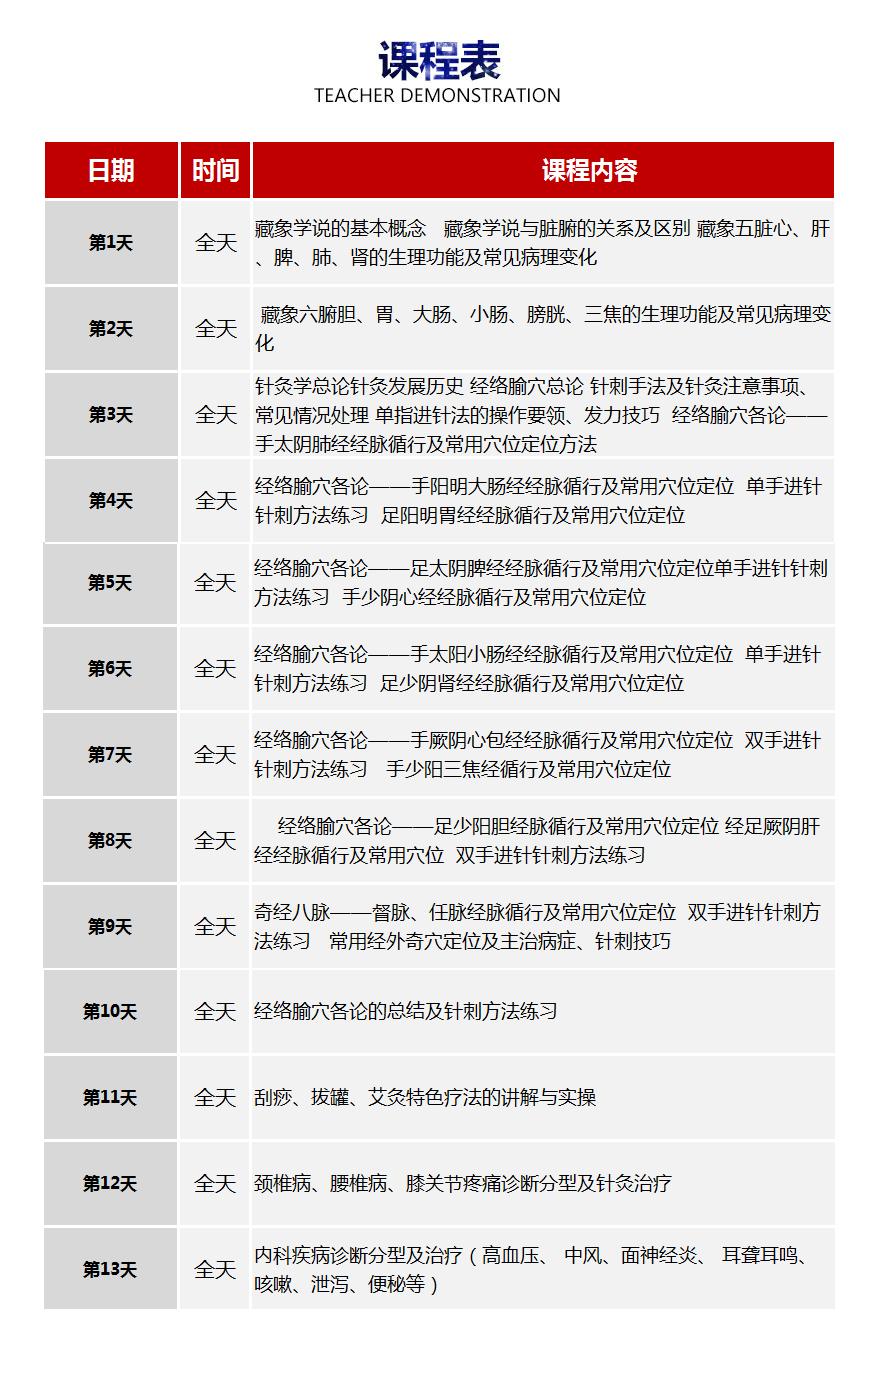 针灸课程表.jpg